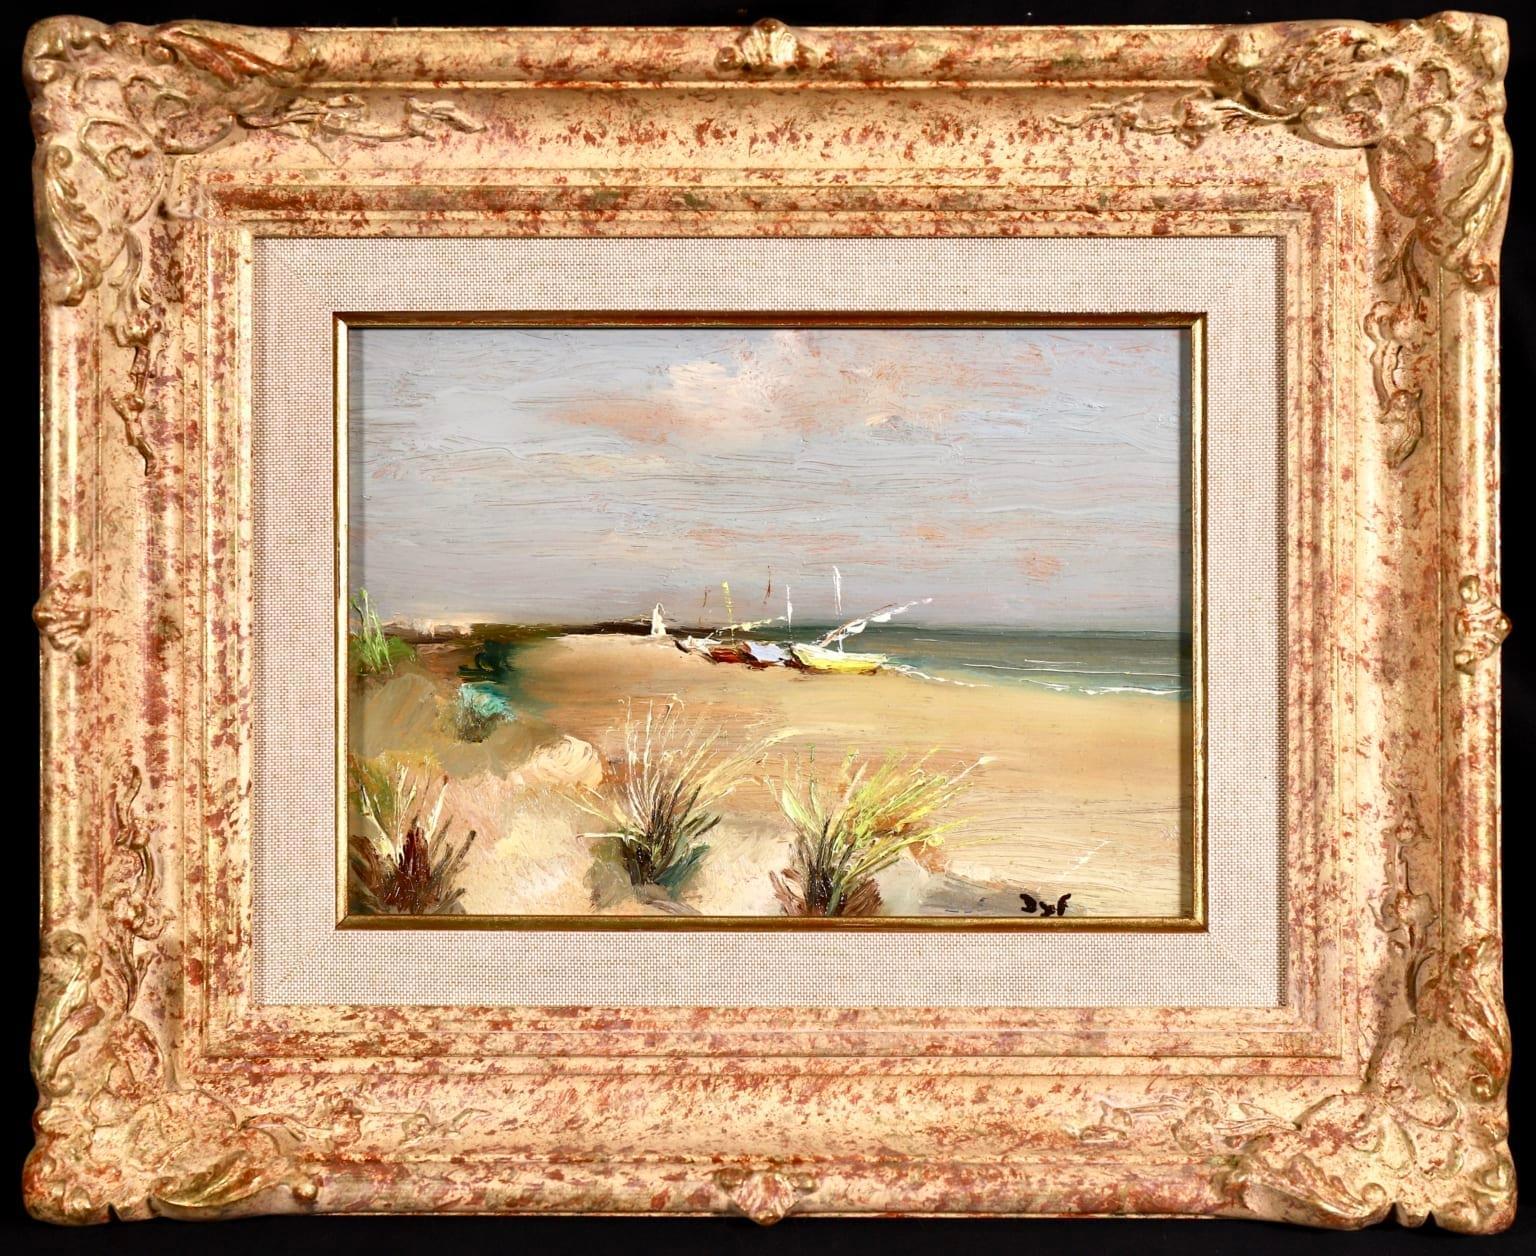 Les Saintes Maries de la Mer - Post Impressionist Oil, Seascape by Marcel Dyf